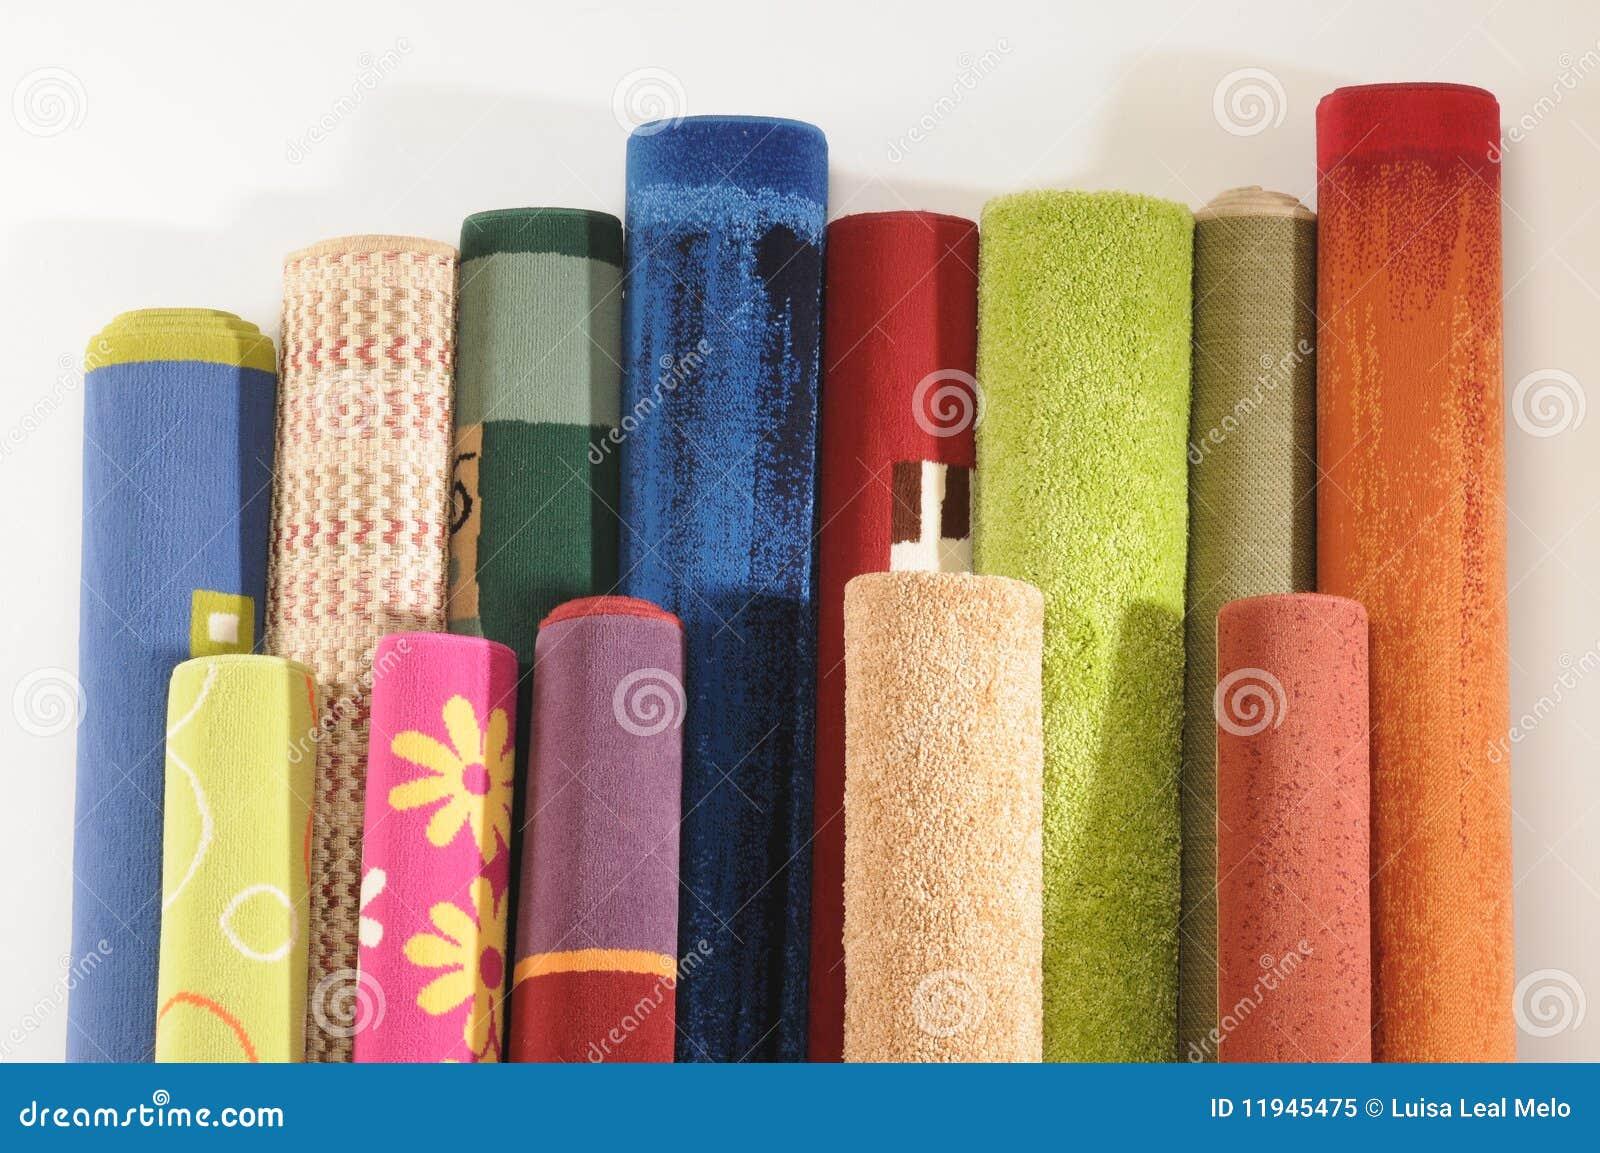 возникают при цена ткани в рулонах на авито свежие новости